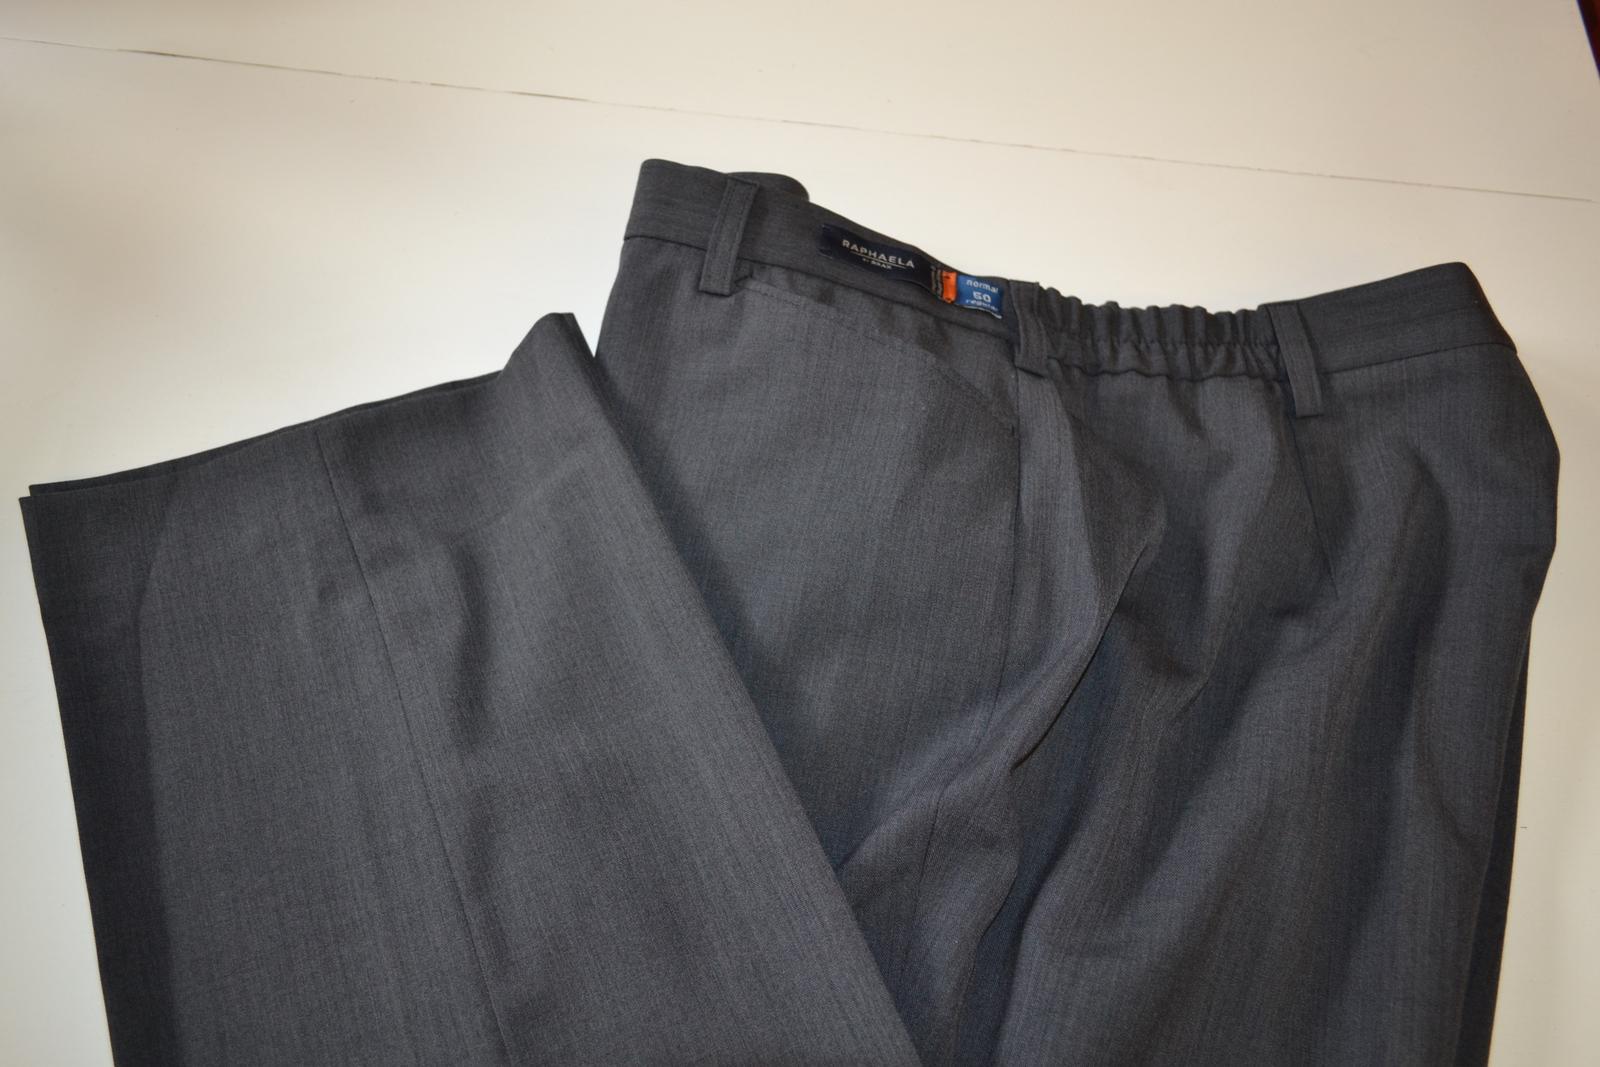 Kalhoty společenské s vlnou - pouze vyzkoušené - Obrázek č. 1